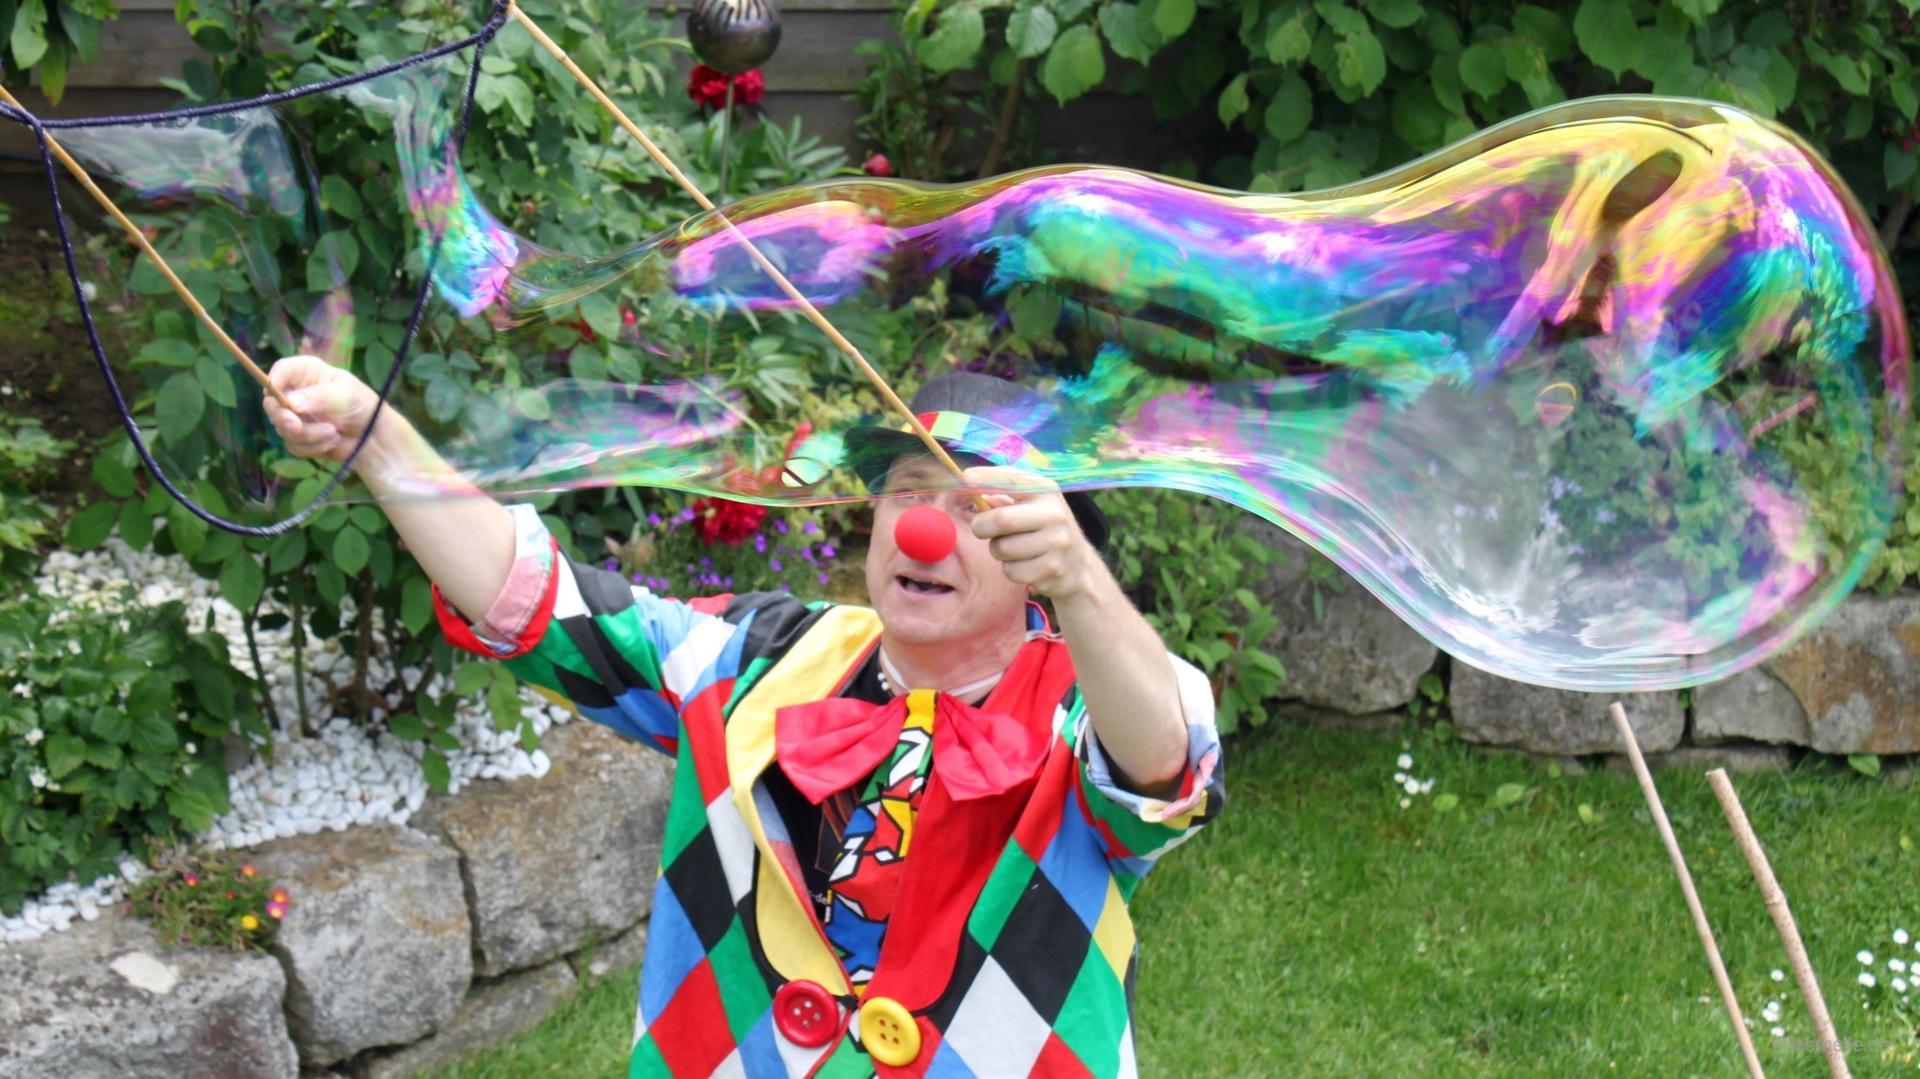 Clown mieten & vermieten - KlaRo der Clown mit Zauberei  - Kinderzauberer - Erwachsene - Gaukler - Zauberkünstler - Ballonmodellieren in Kornwestheim